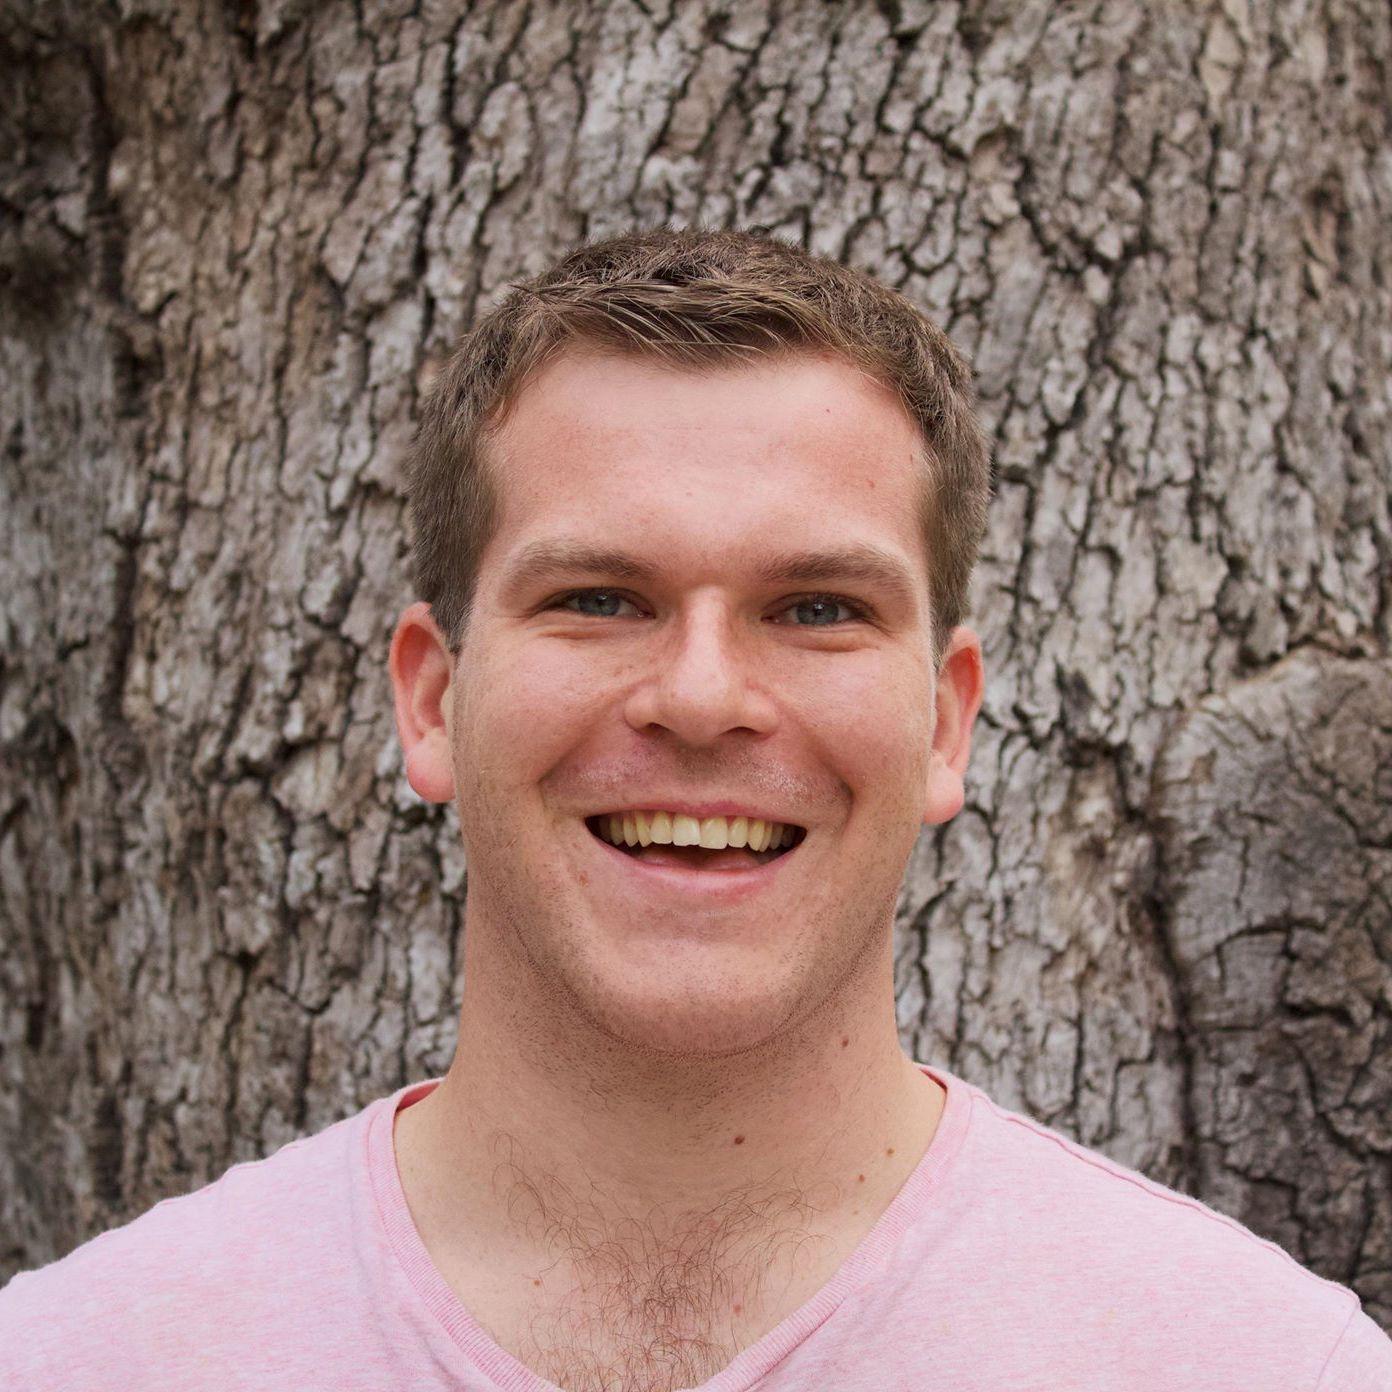 Tyler Casselman [G2] - tylerc@caltech.edu